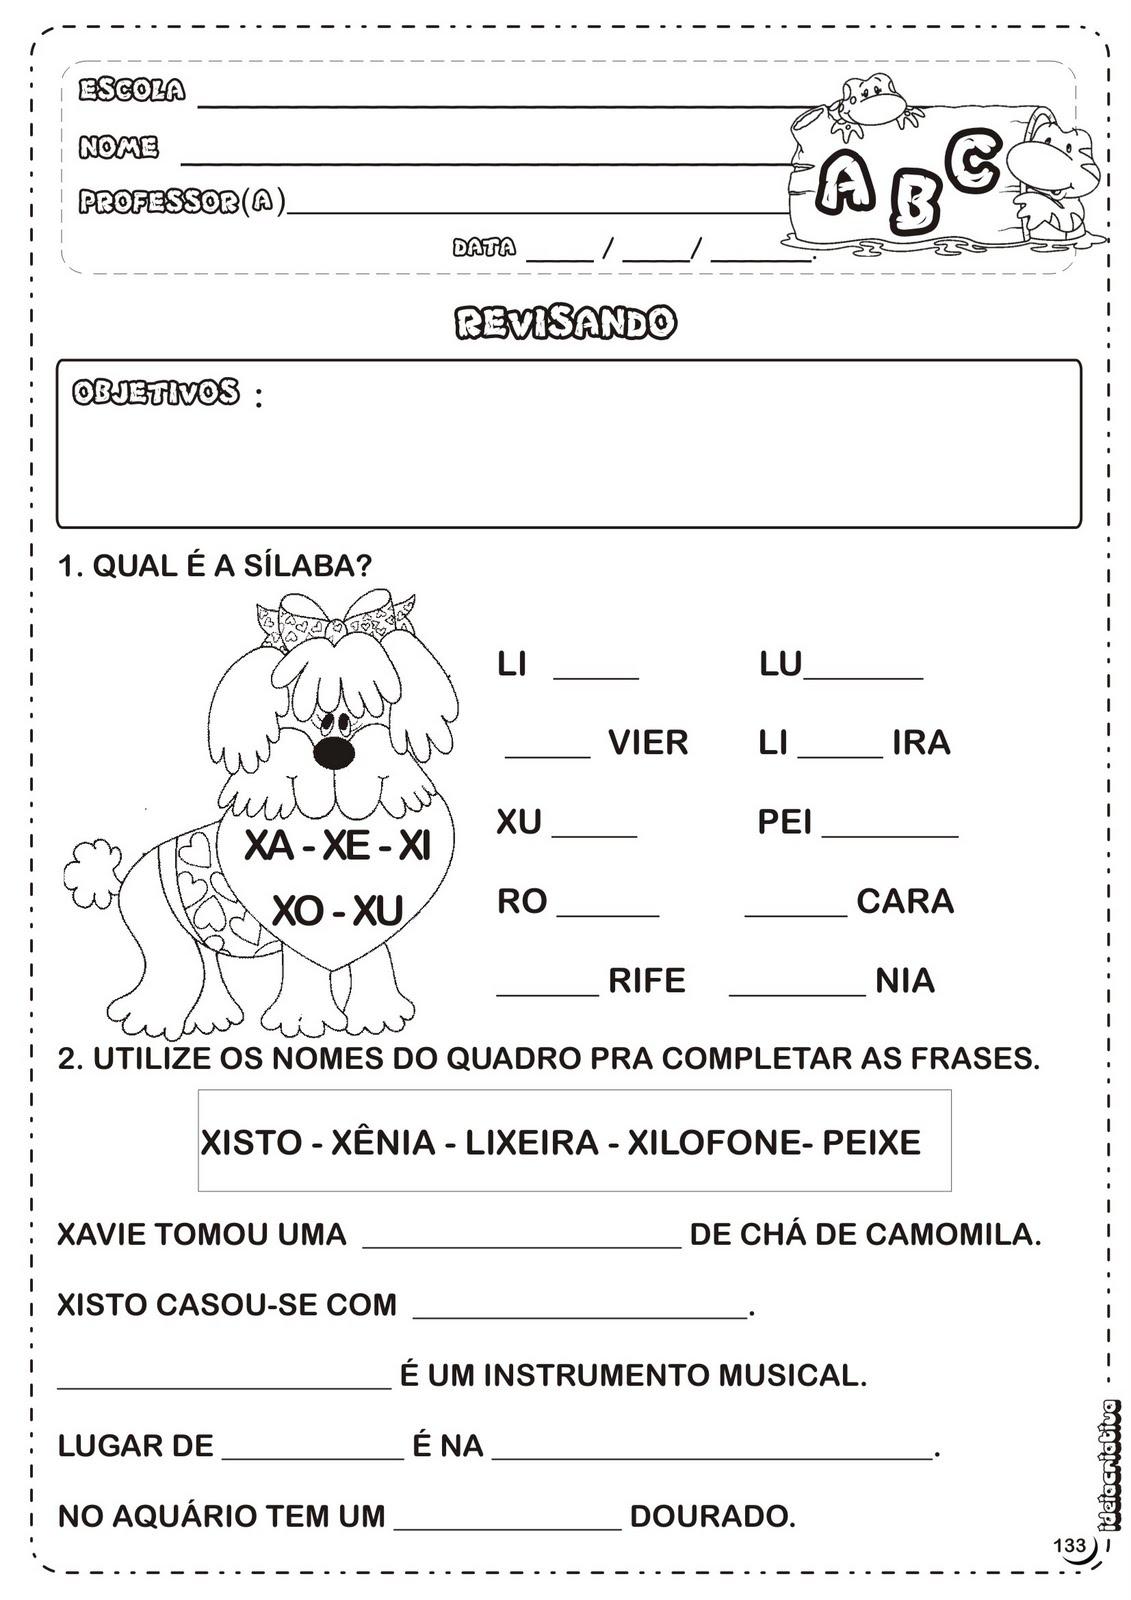 Barbosa Marcadores  Atividades Letra X   Atividades Letras Do Alfabeto